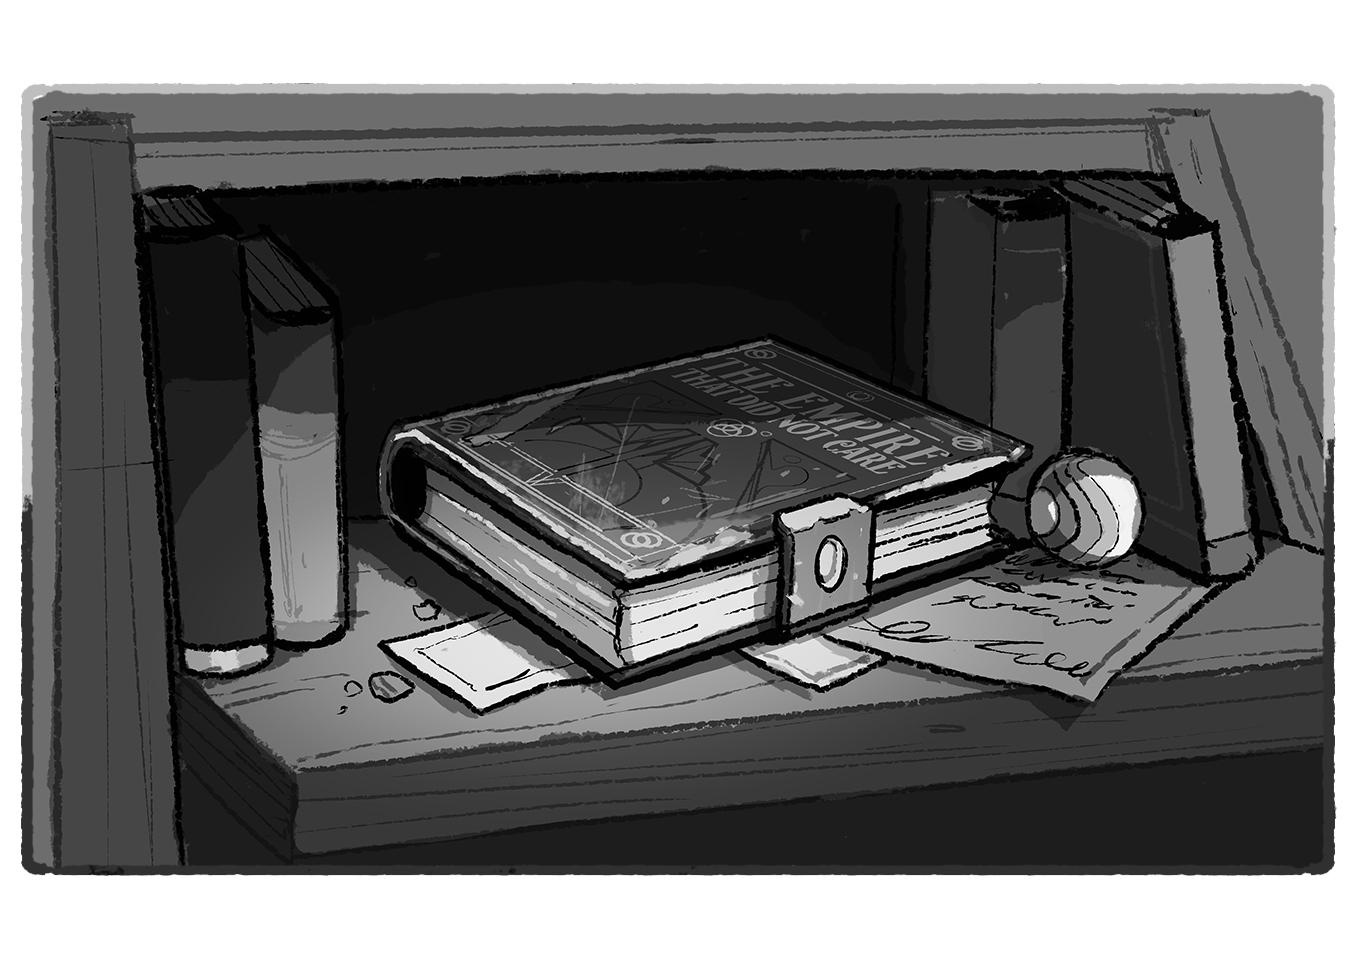 Terra_Book1_Interiors_Ch14_Final.jpg